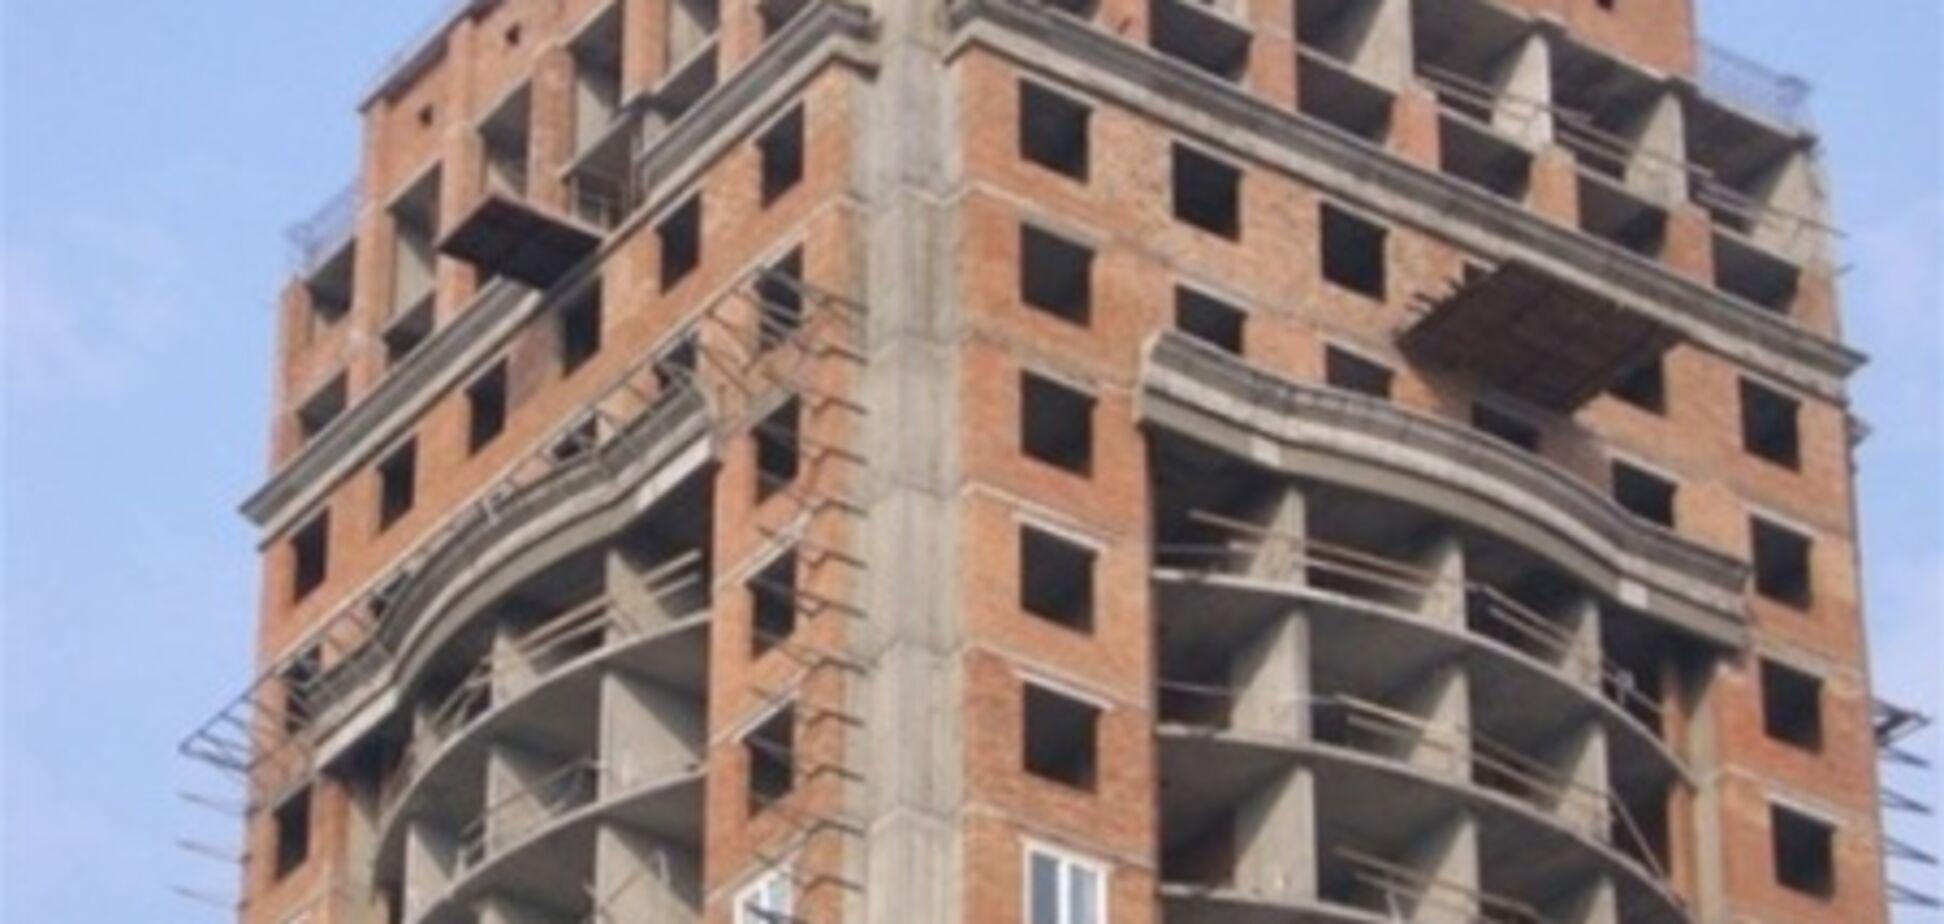 Цены на недостроенное жилье  в Киеве - выросли